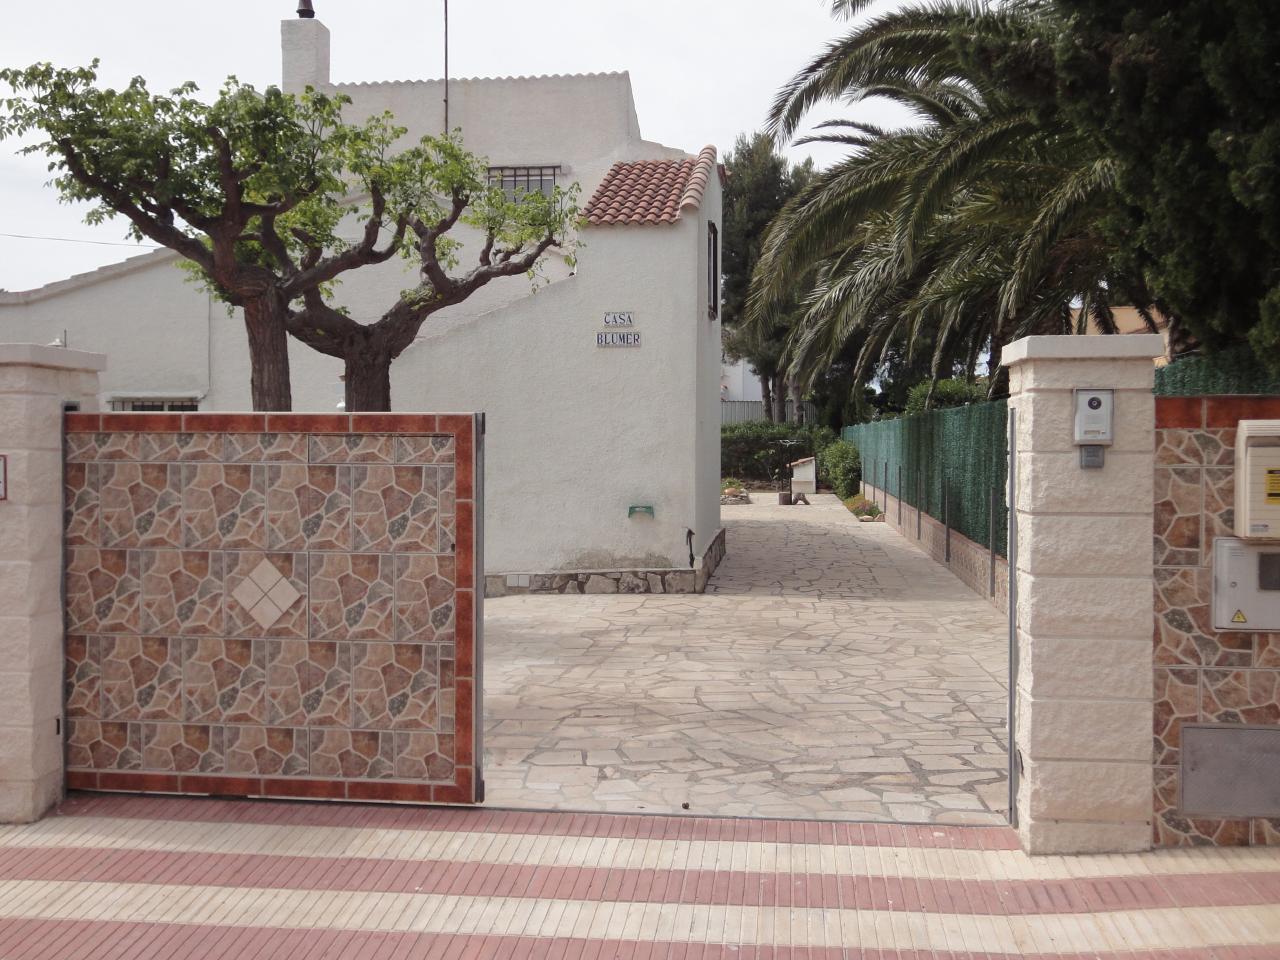 Ferienhaus mit WiFi Privat-Pool ohne Einsicht gute Preise (1901111), L'Ametlla de Mar, Costa Dorada, Katalonien, Spanien, Bild 25